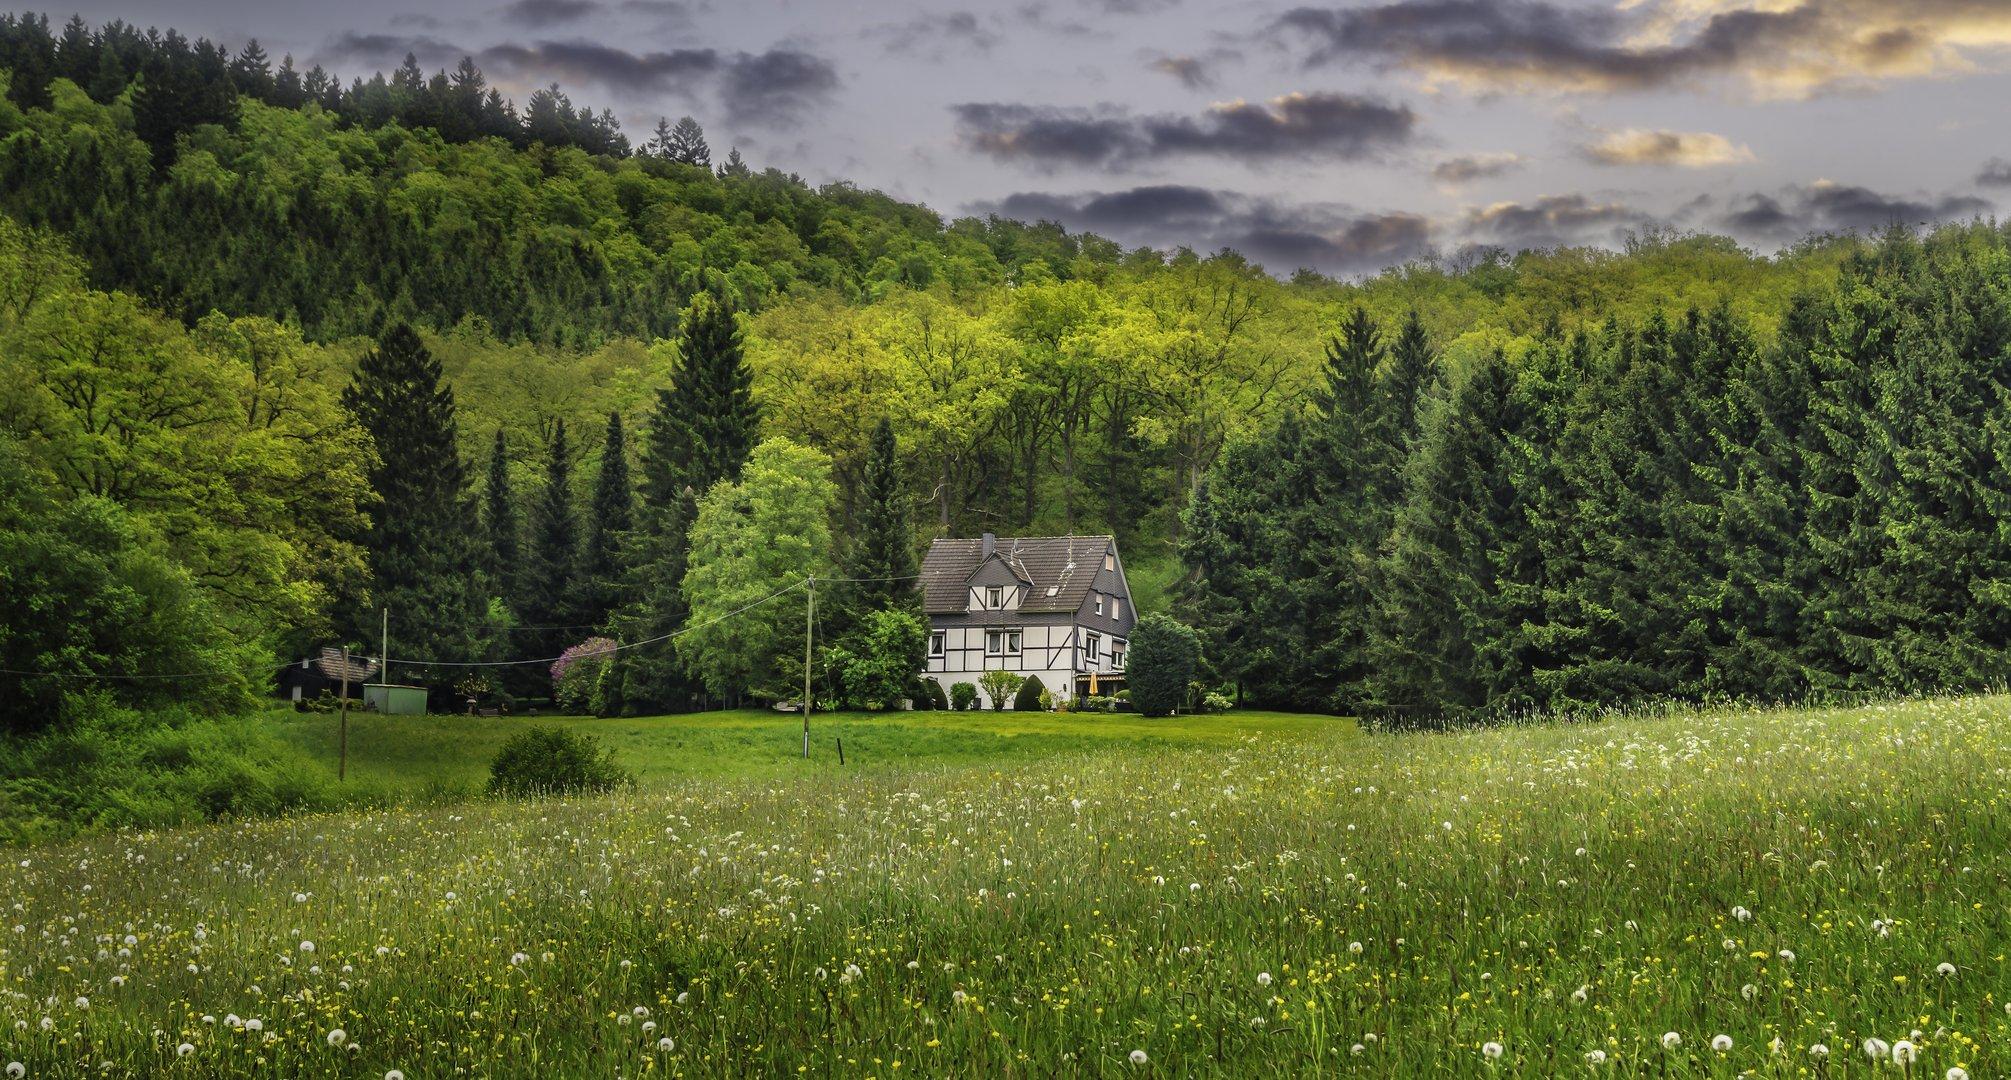 Haus am Waldrand Foto & Bild